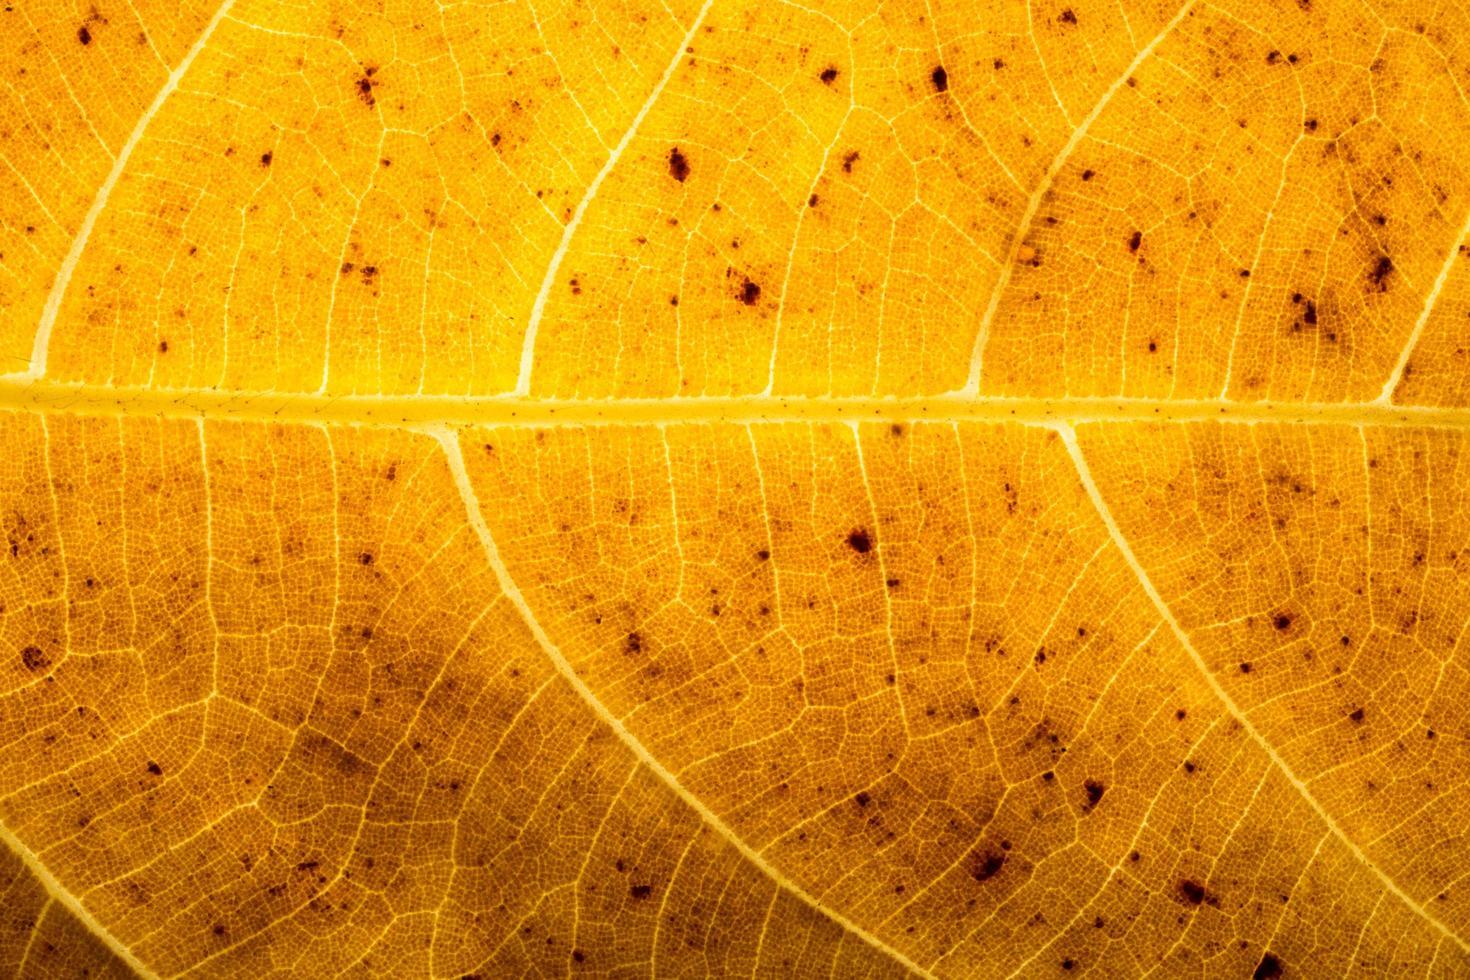 motif de feuilles sèches photo